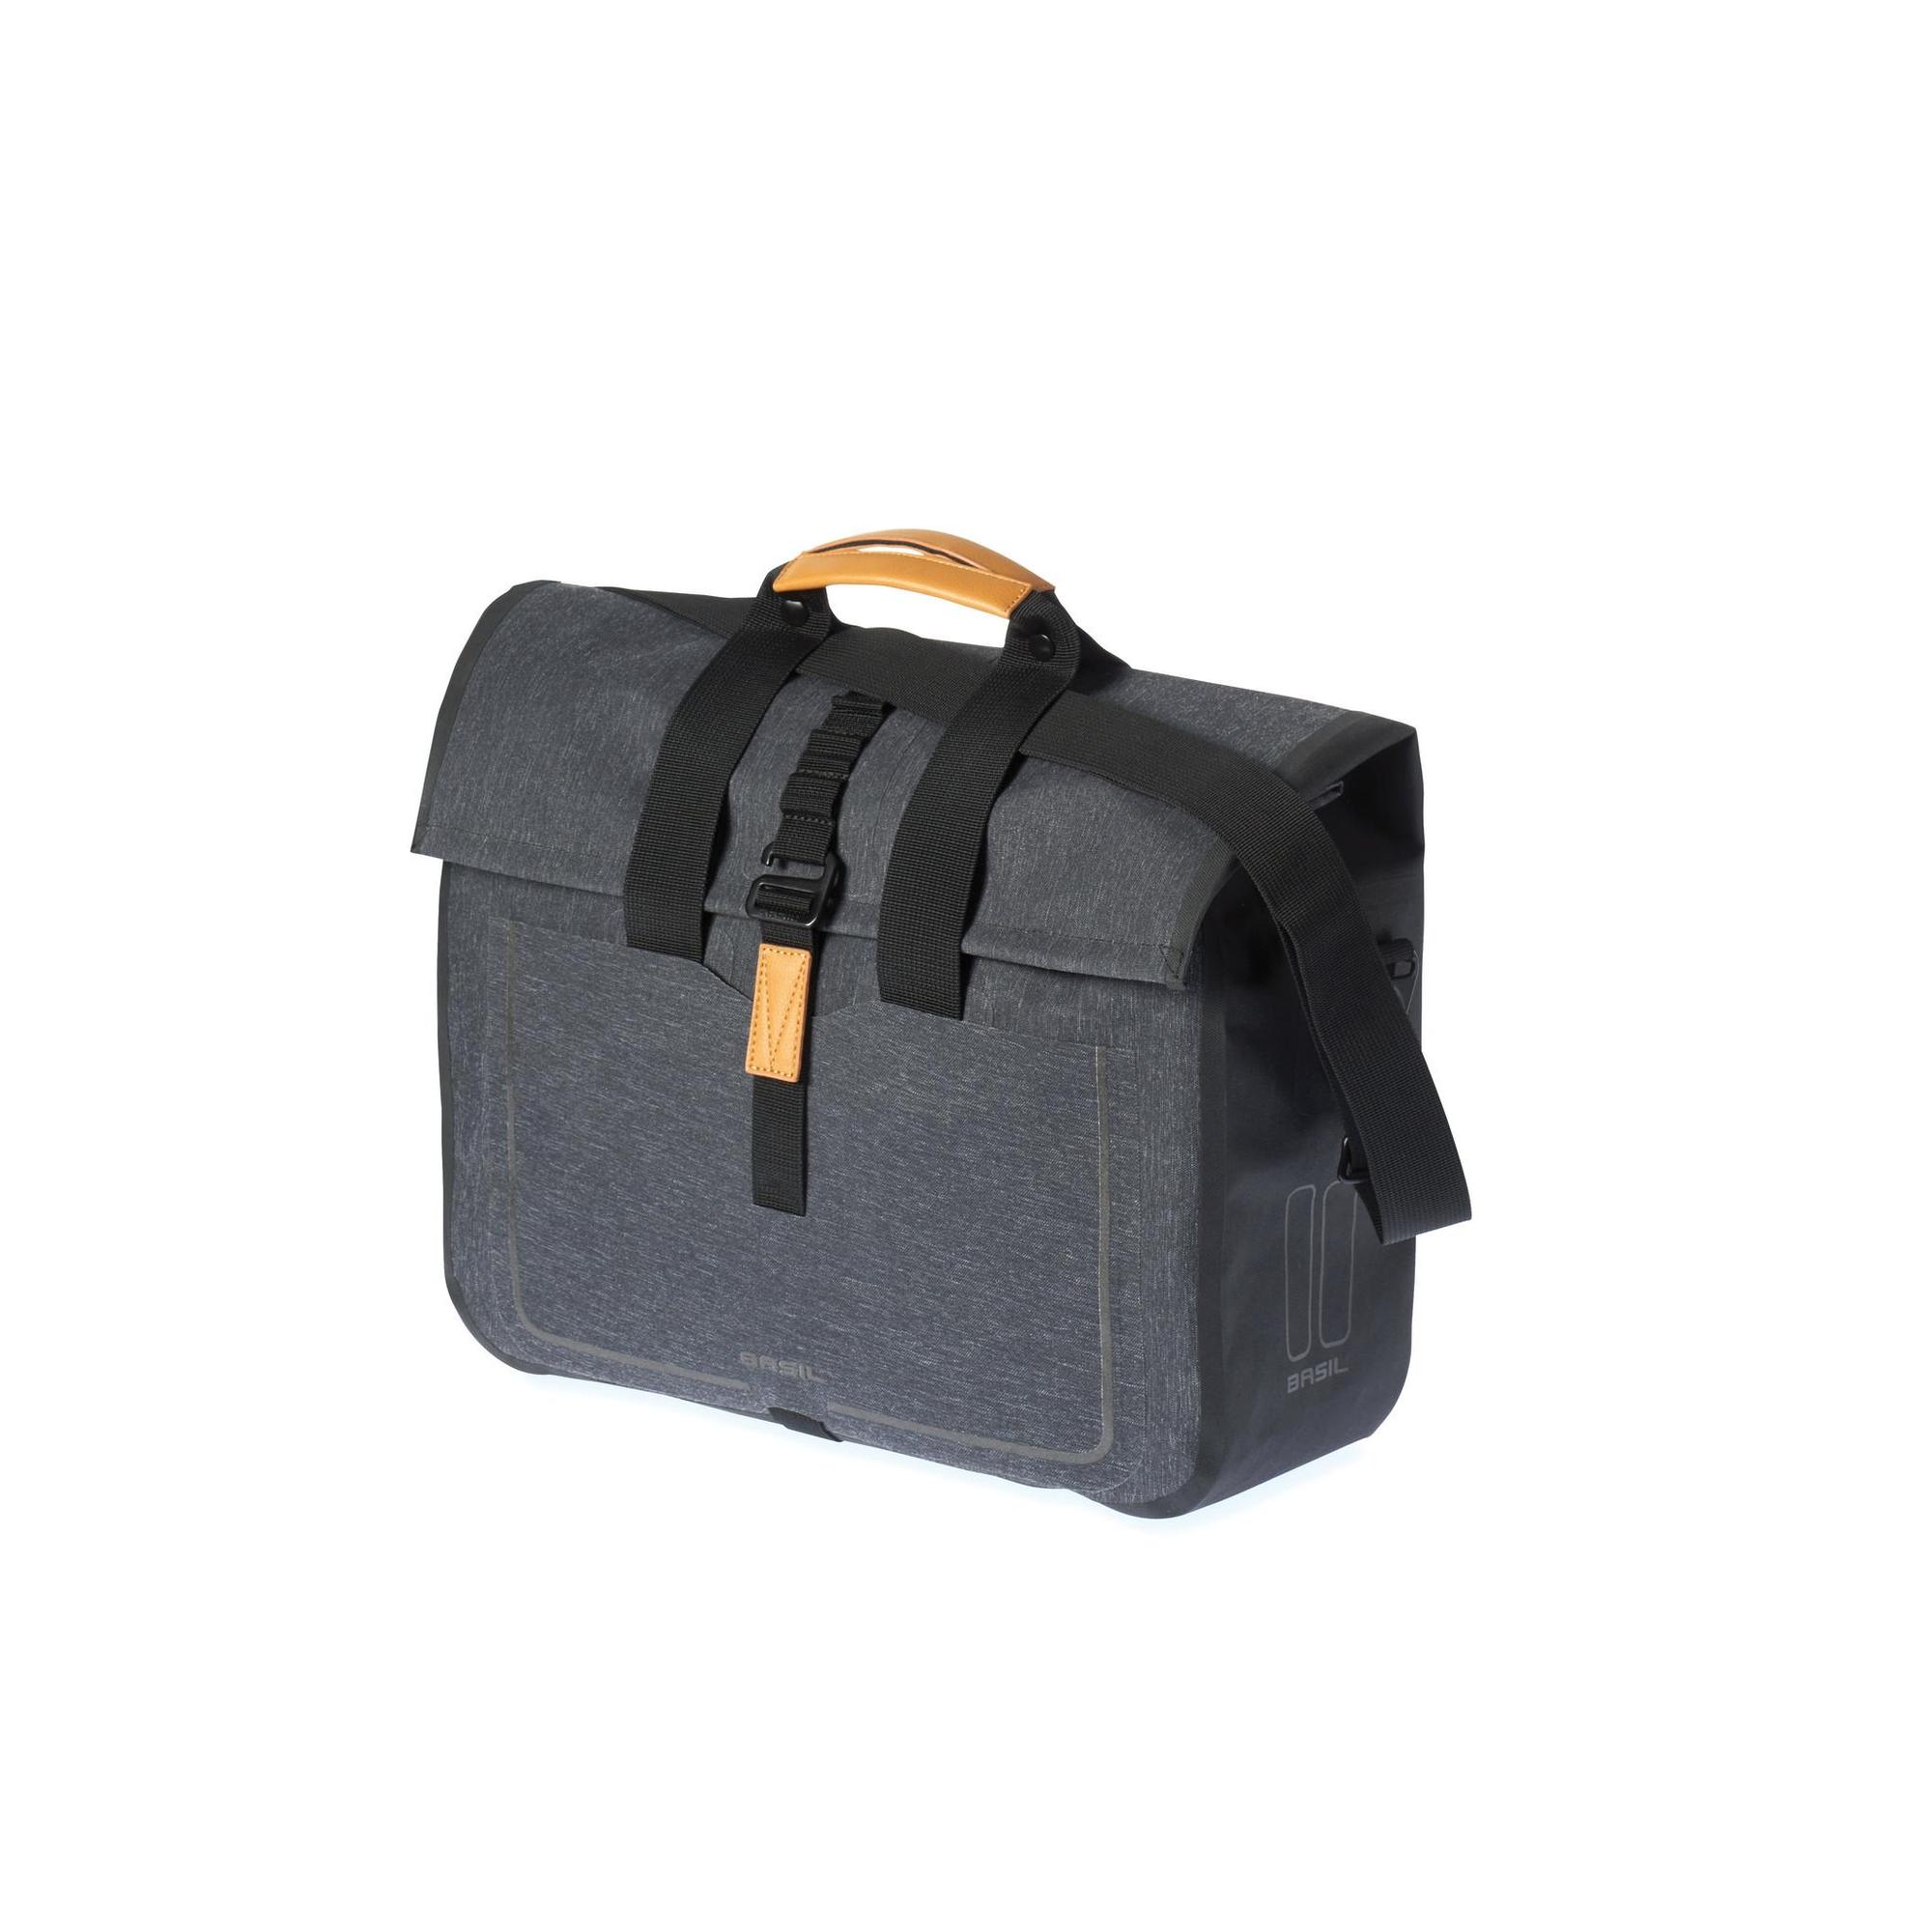 Basil Urban Dry Business Bag Packtasche